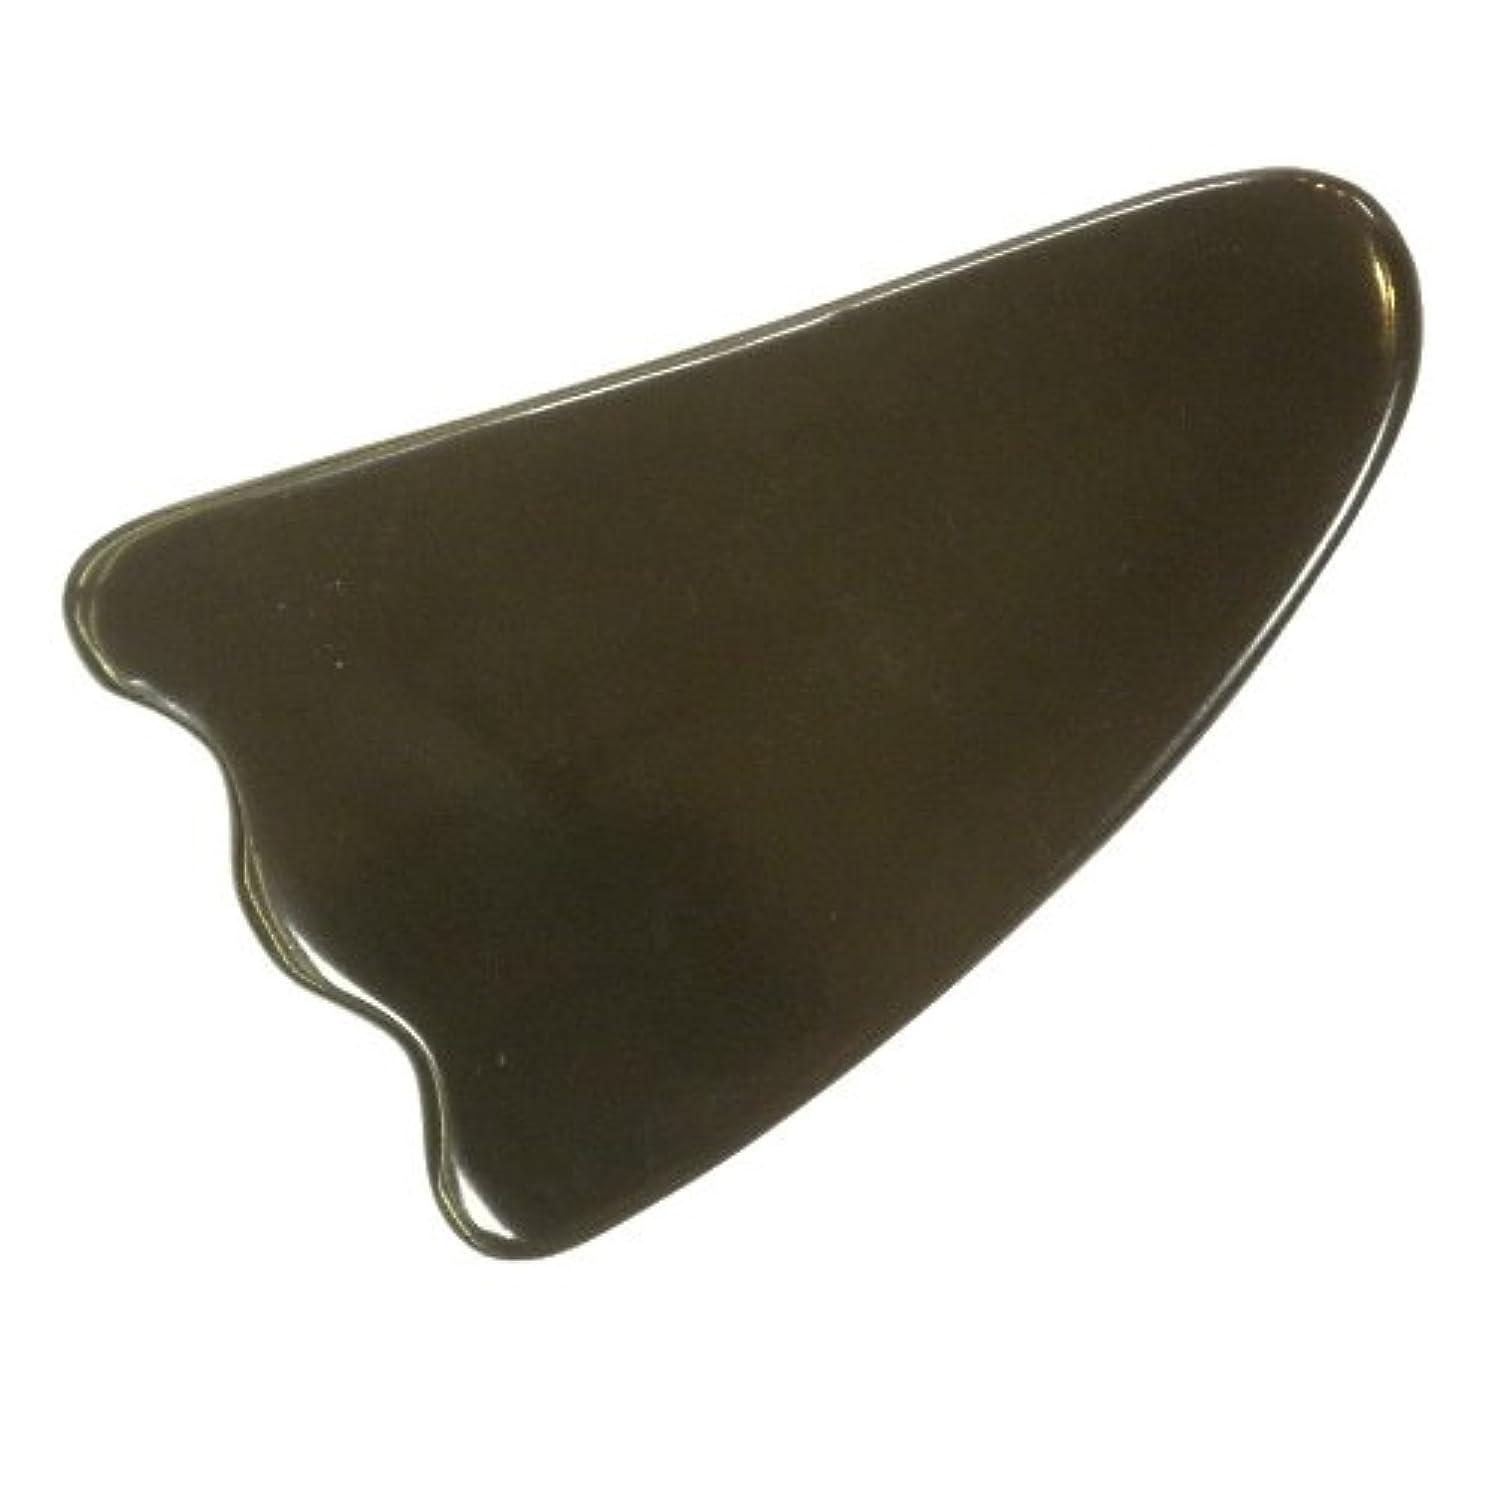 テレビを見る有益カウントかっさ プレート 厚さが選べる 水牛の角(黒水牛角) EHE213SP 羽根型 特級品 厚め(7ミリ程度)